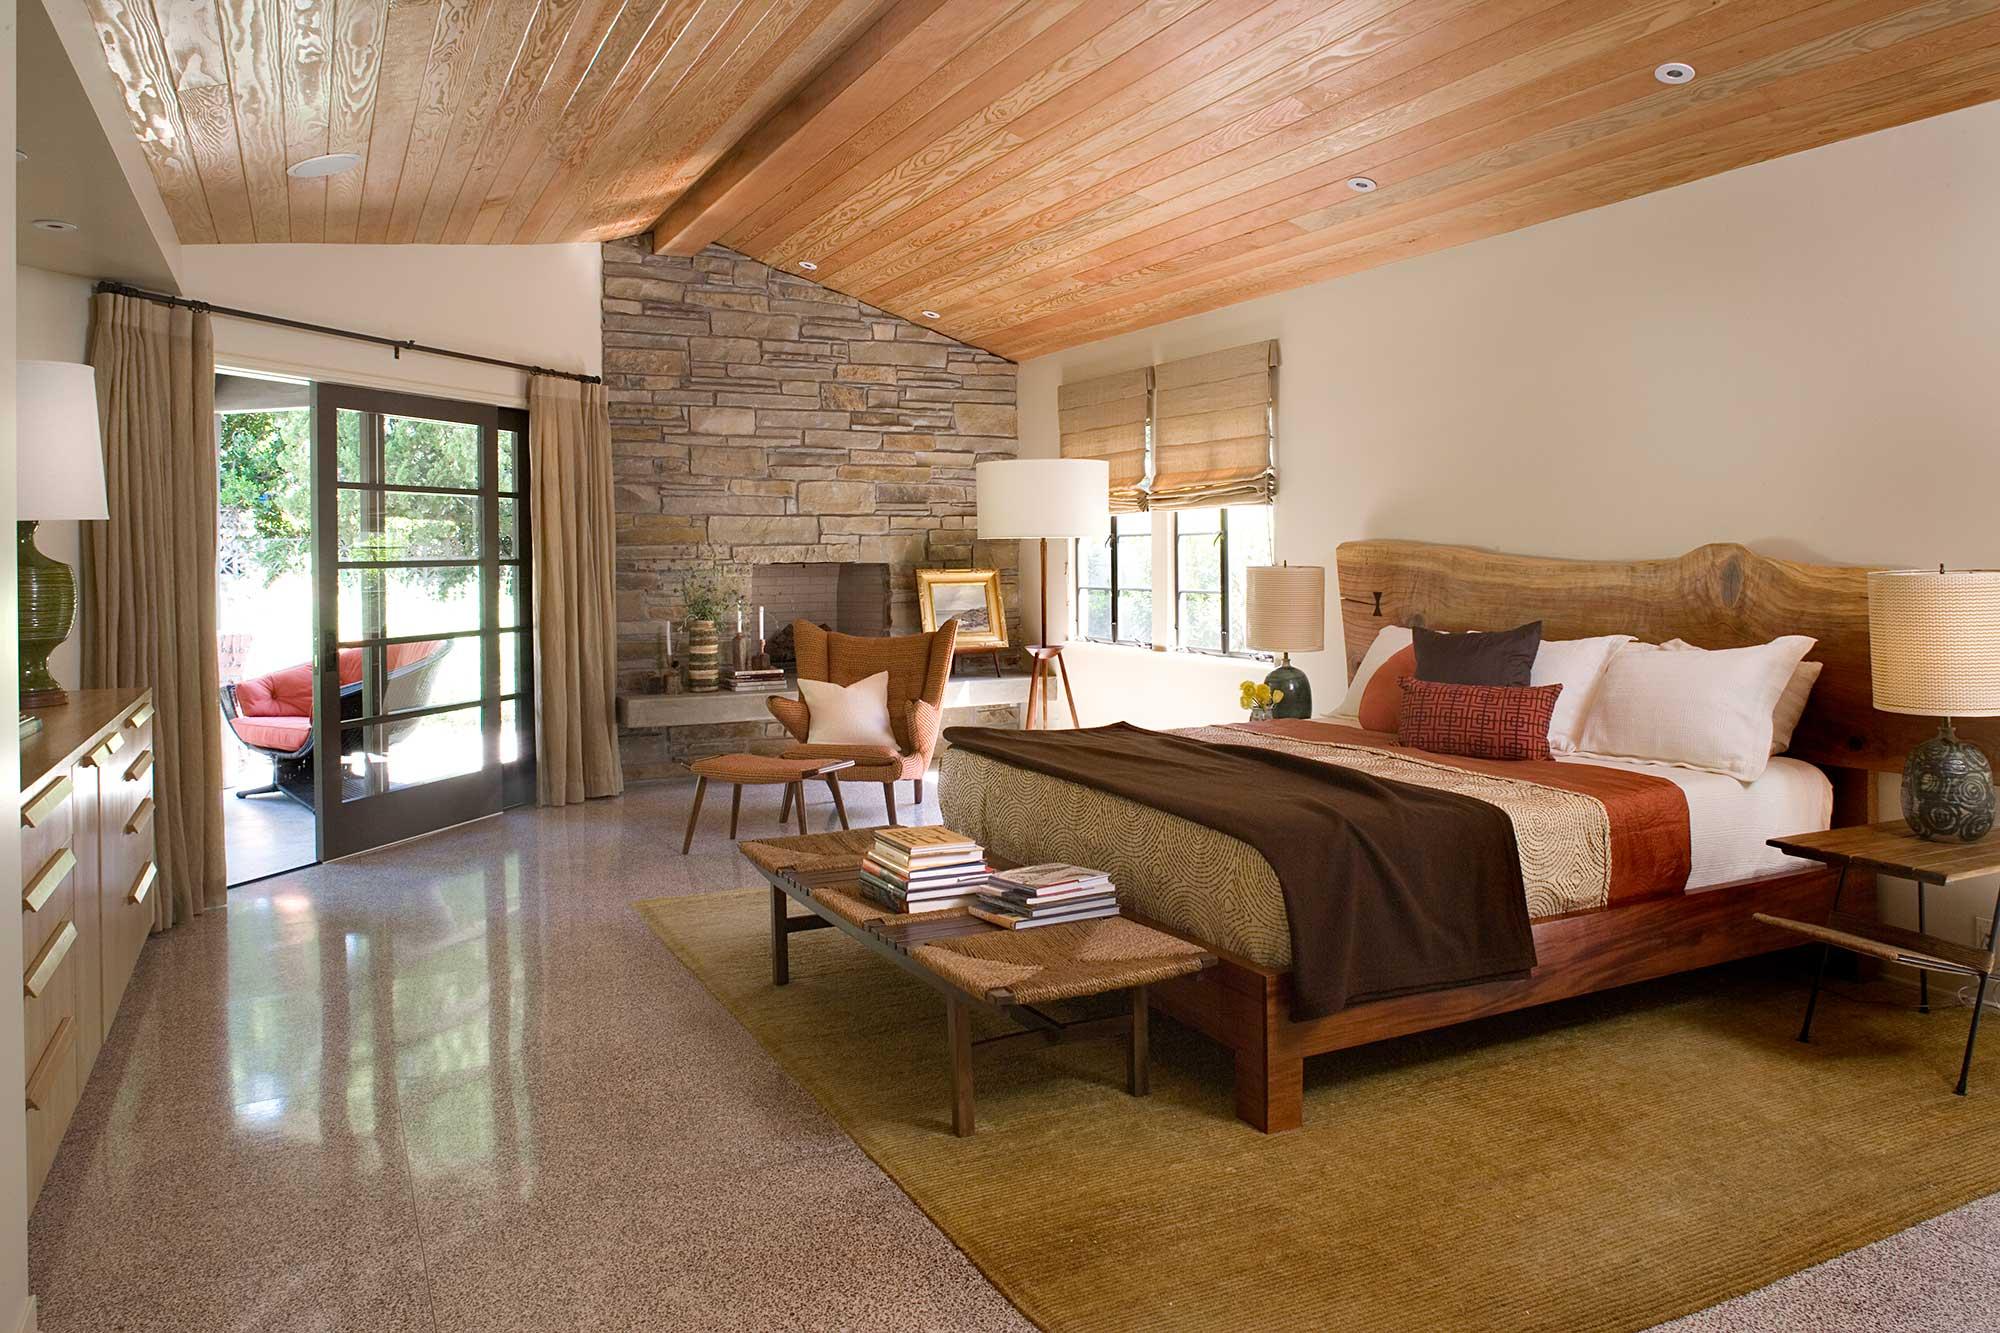 JamieBush_LaCanadaRanch_bedroom.jpg